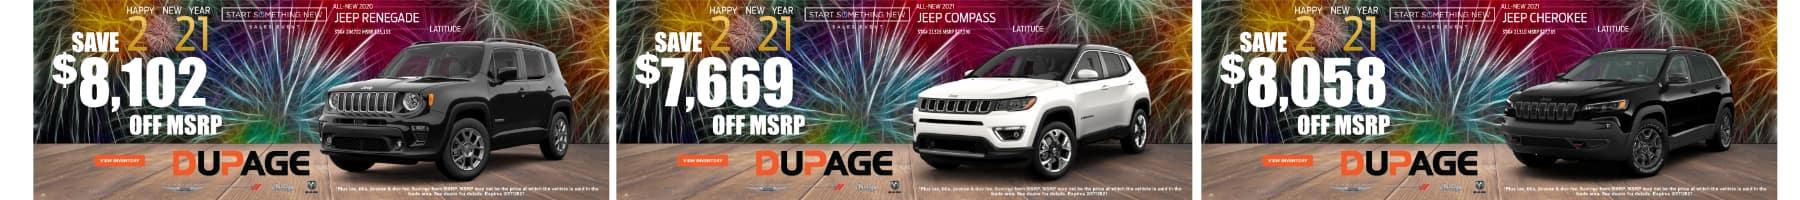 DuPage_VRP_1800x200_Jan-2020_v4